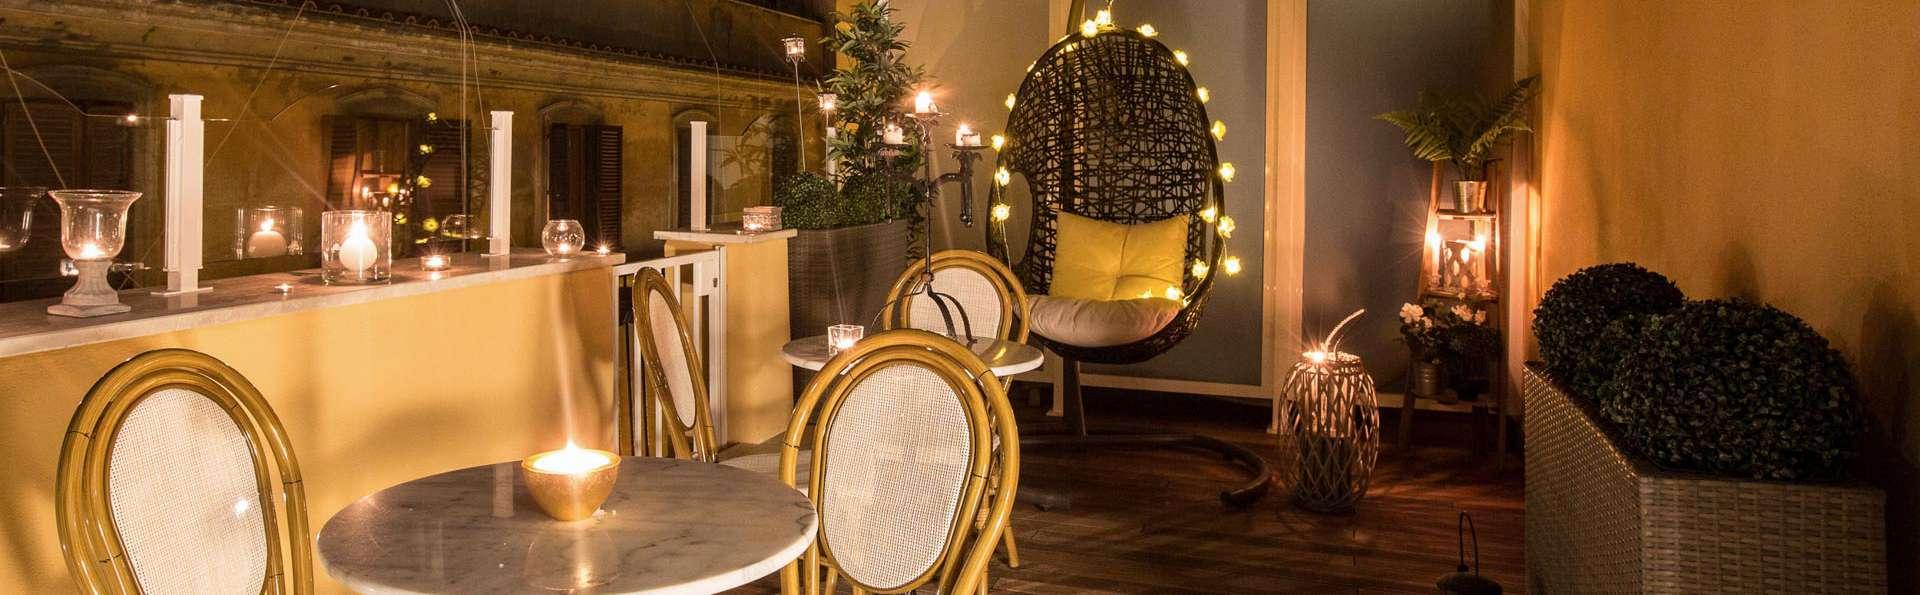 Offre à Rome : deux nuits de luxe dans le quartier de Monti à un prix à ne pas manquer !